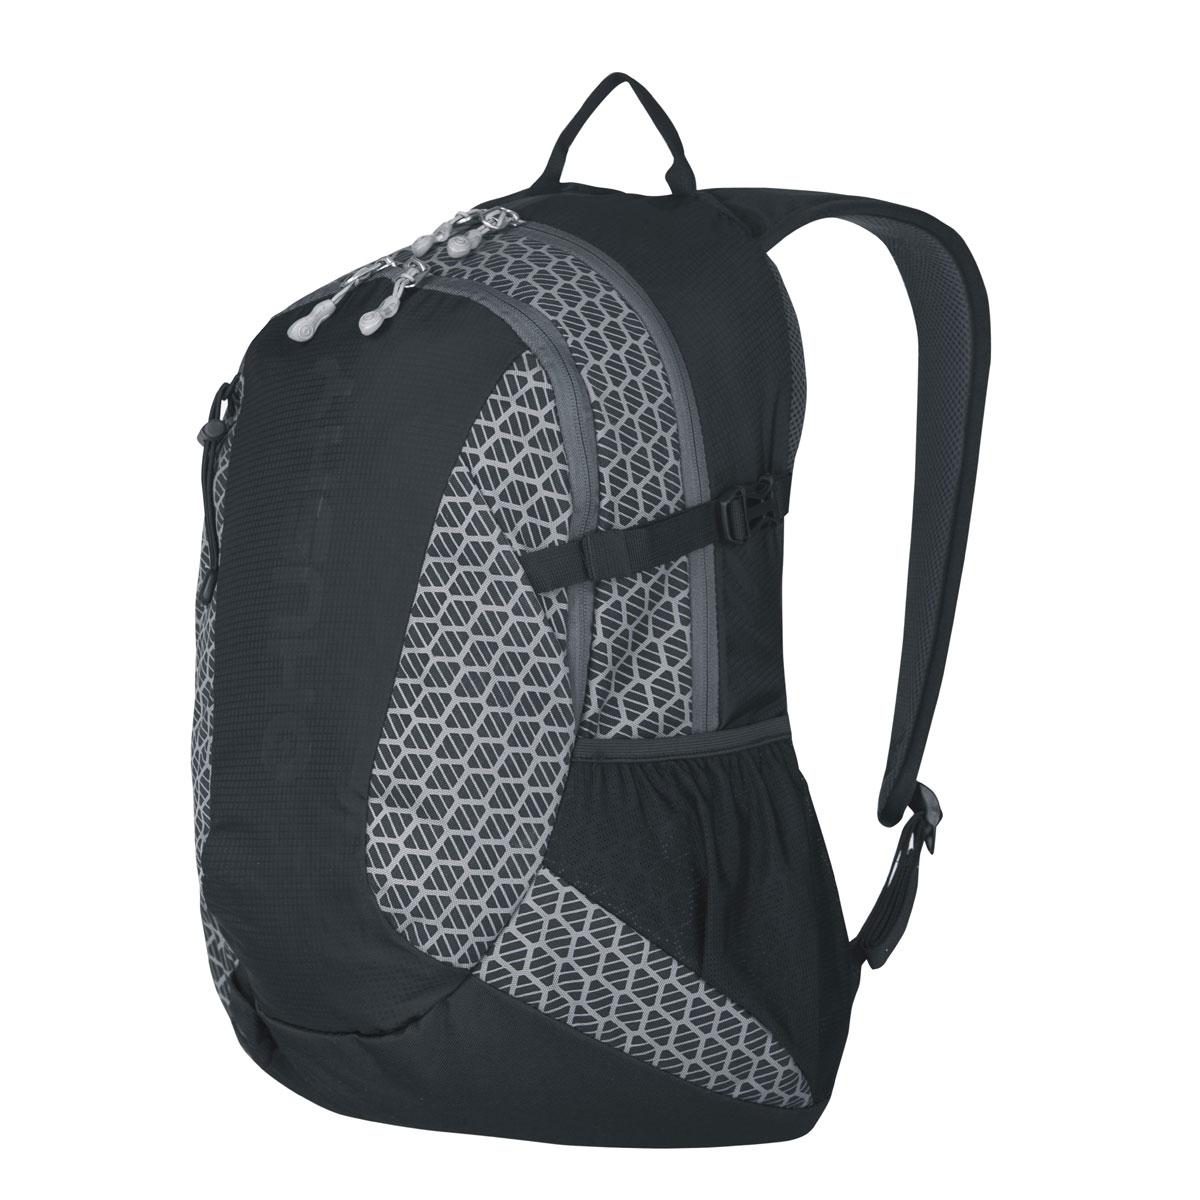 Рюкзак husky minel 22 заказать пошив рюкзака